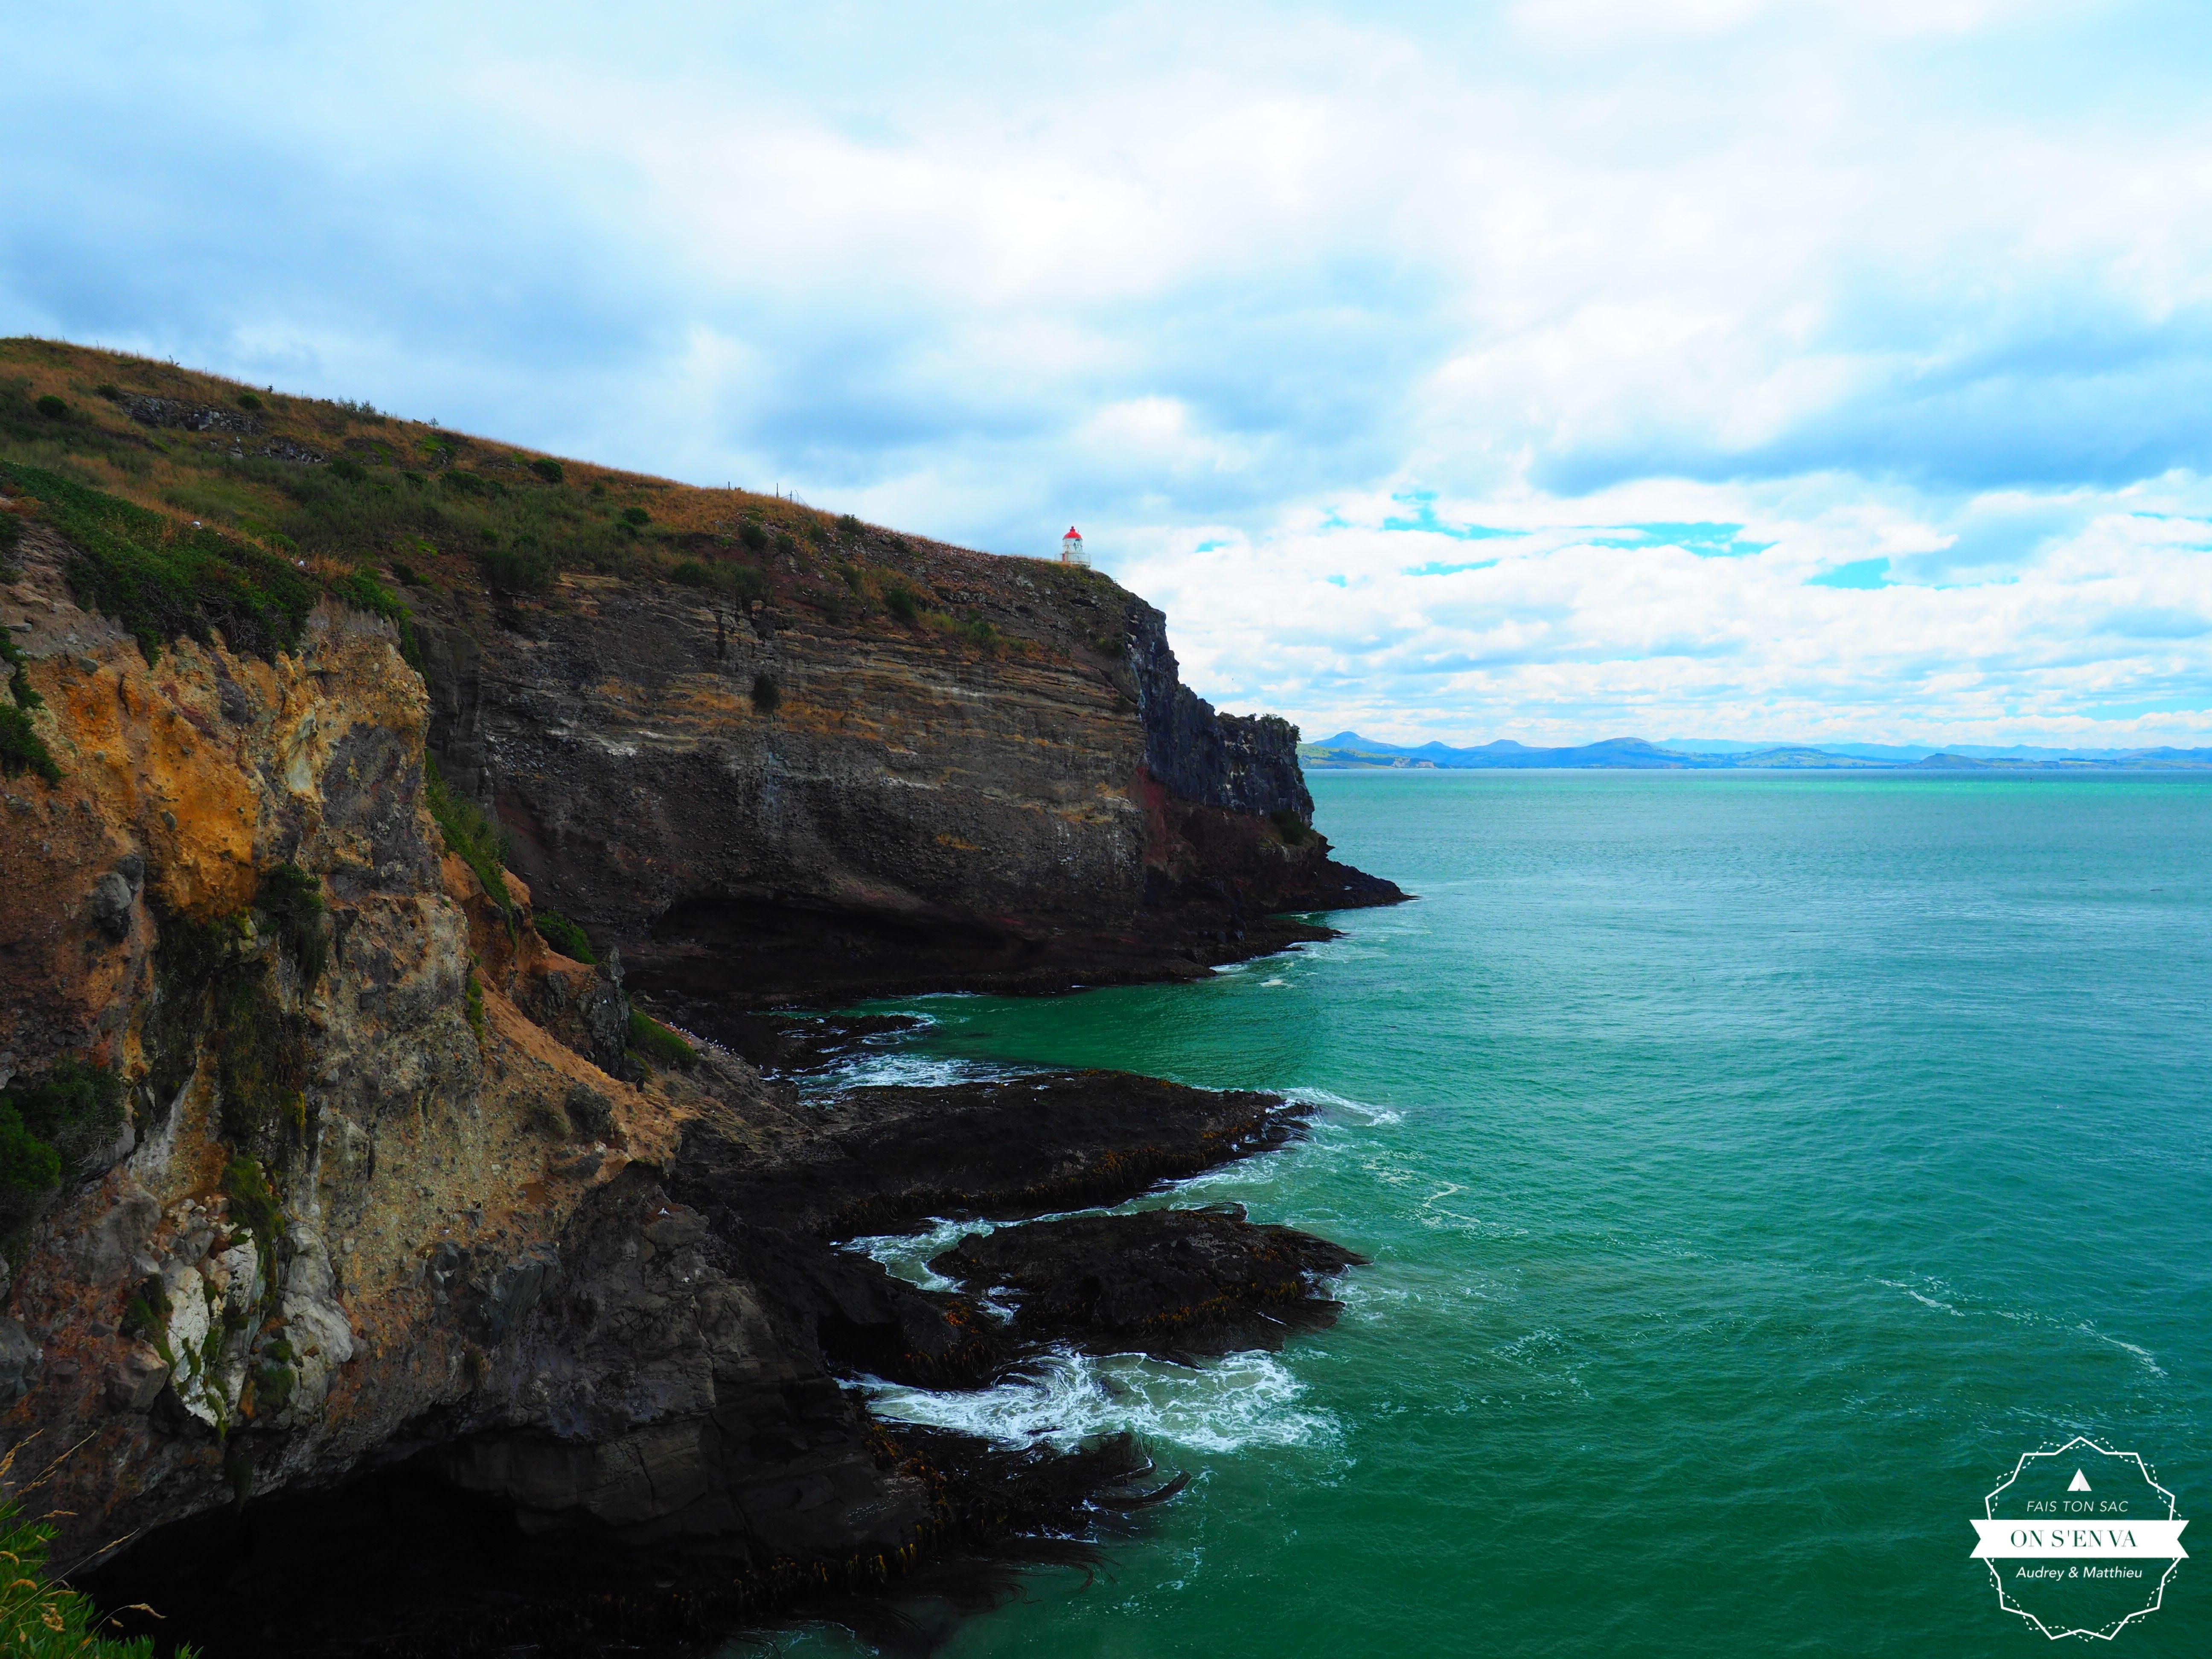 Harington Point, Otago peninsula